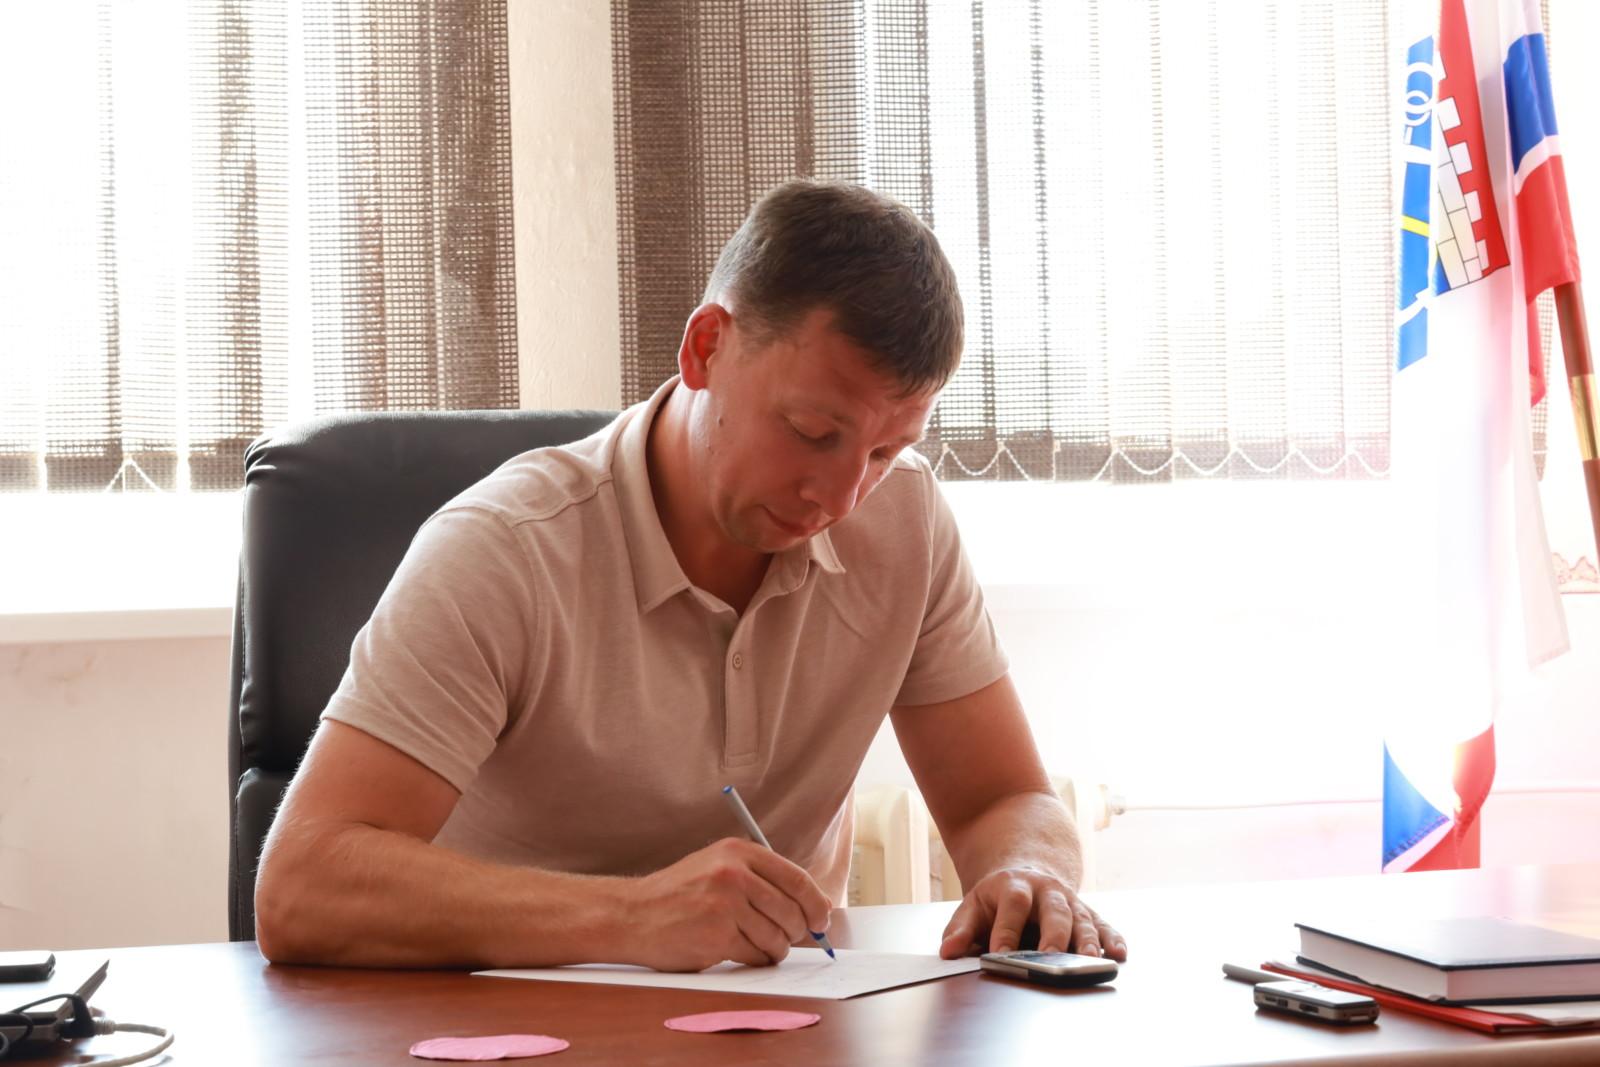 Прямая линия с ГлавойВолховского района